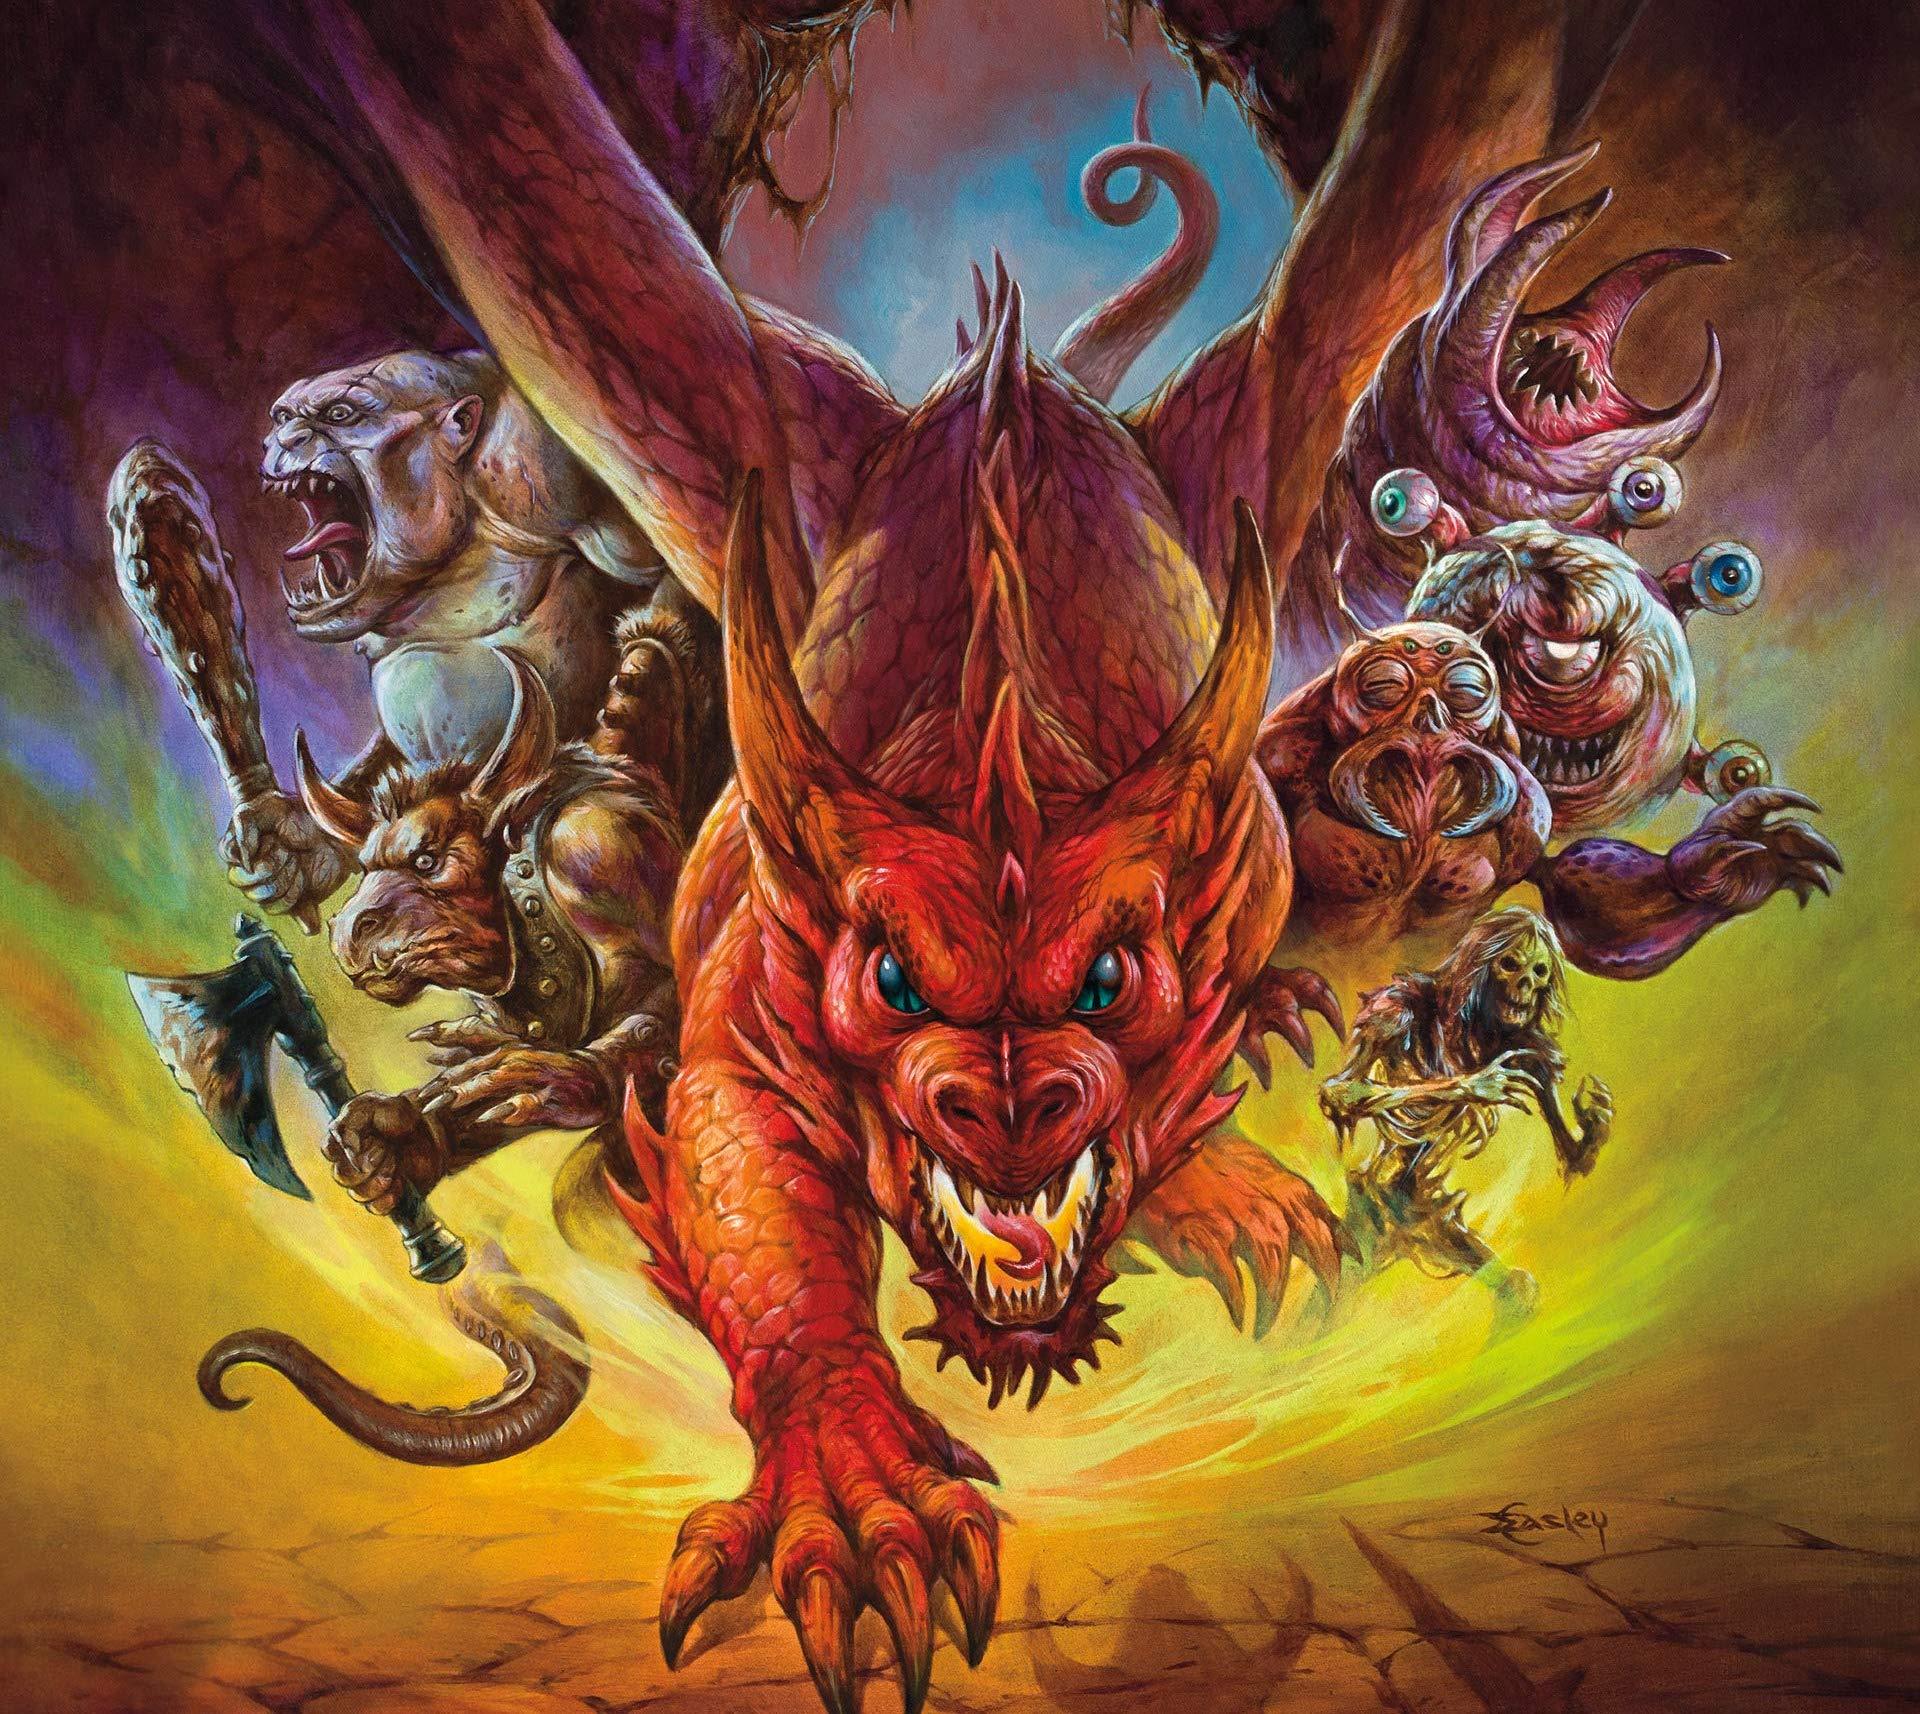 Eye of the Beholder – The Art of Dungeons & Dragons verrà proiettato a Lucca Comics & Games 2019